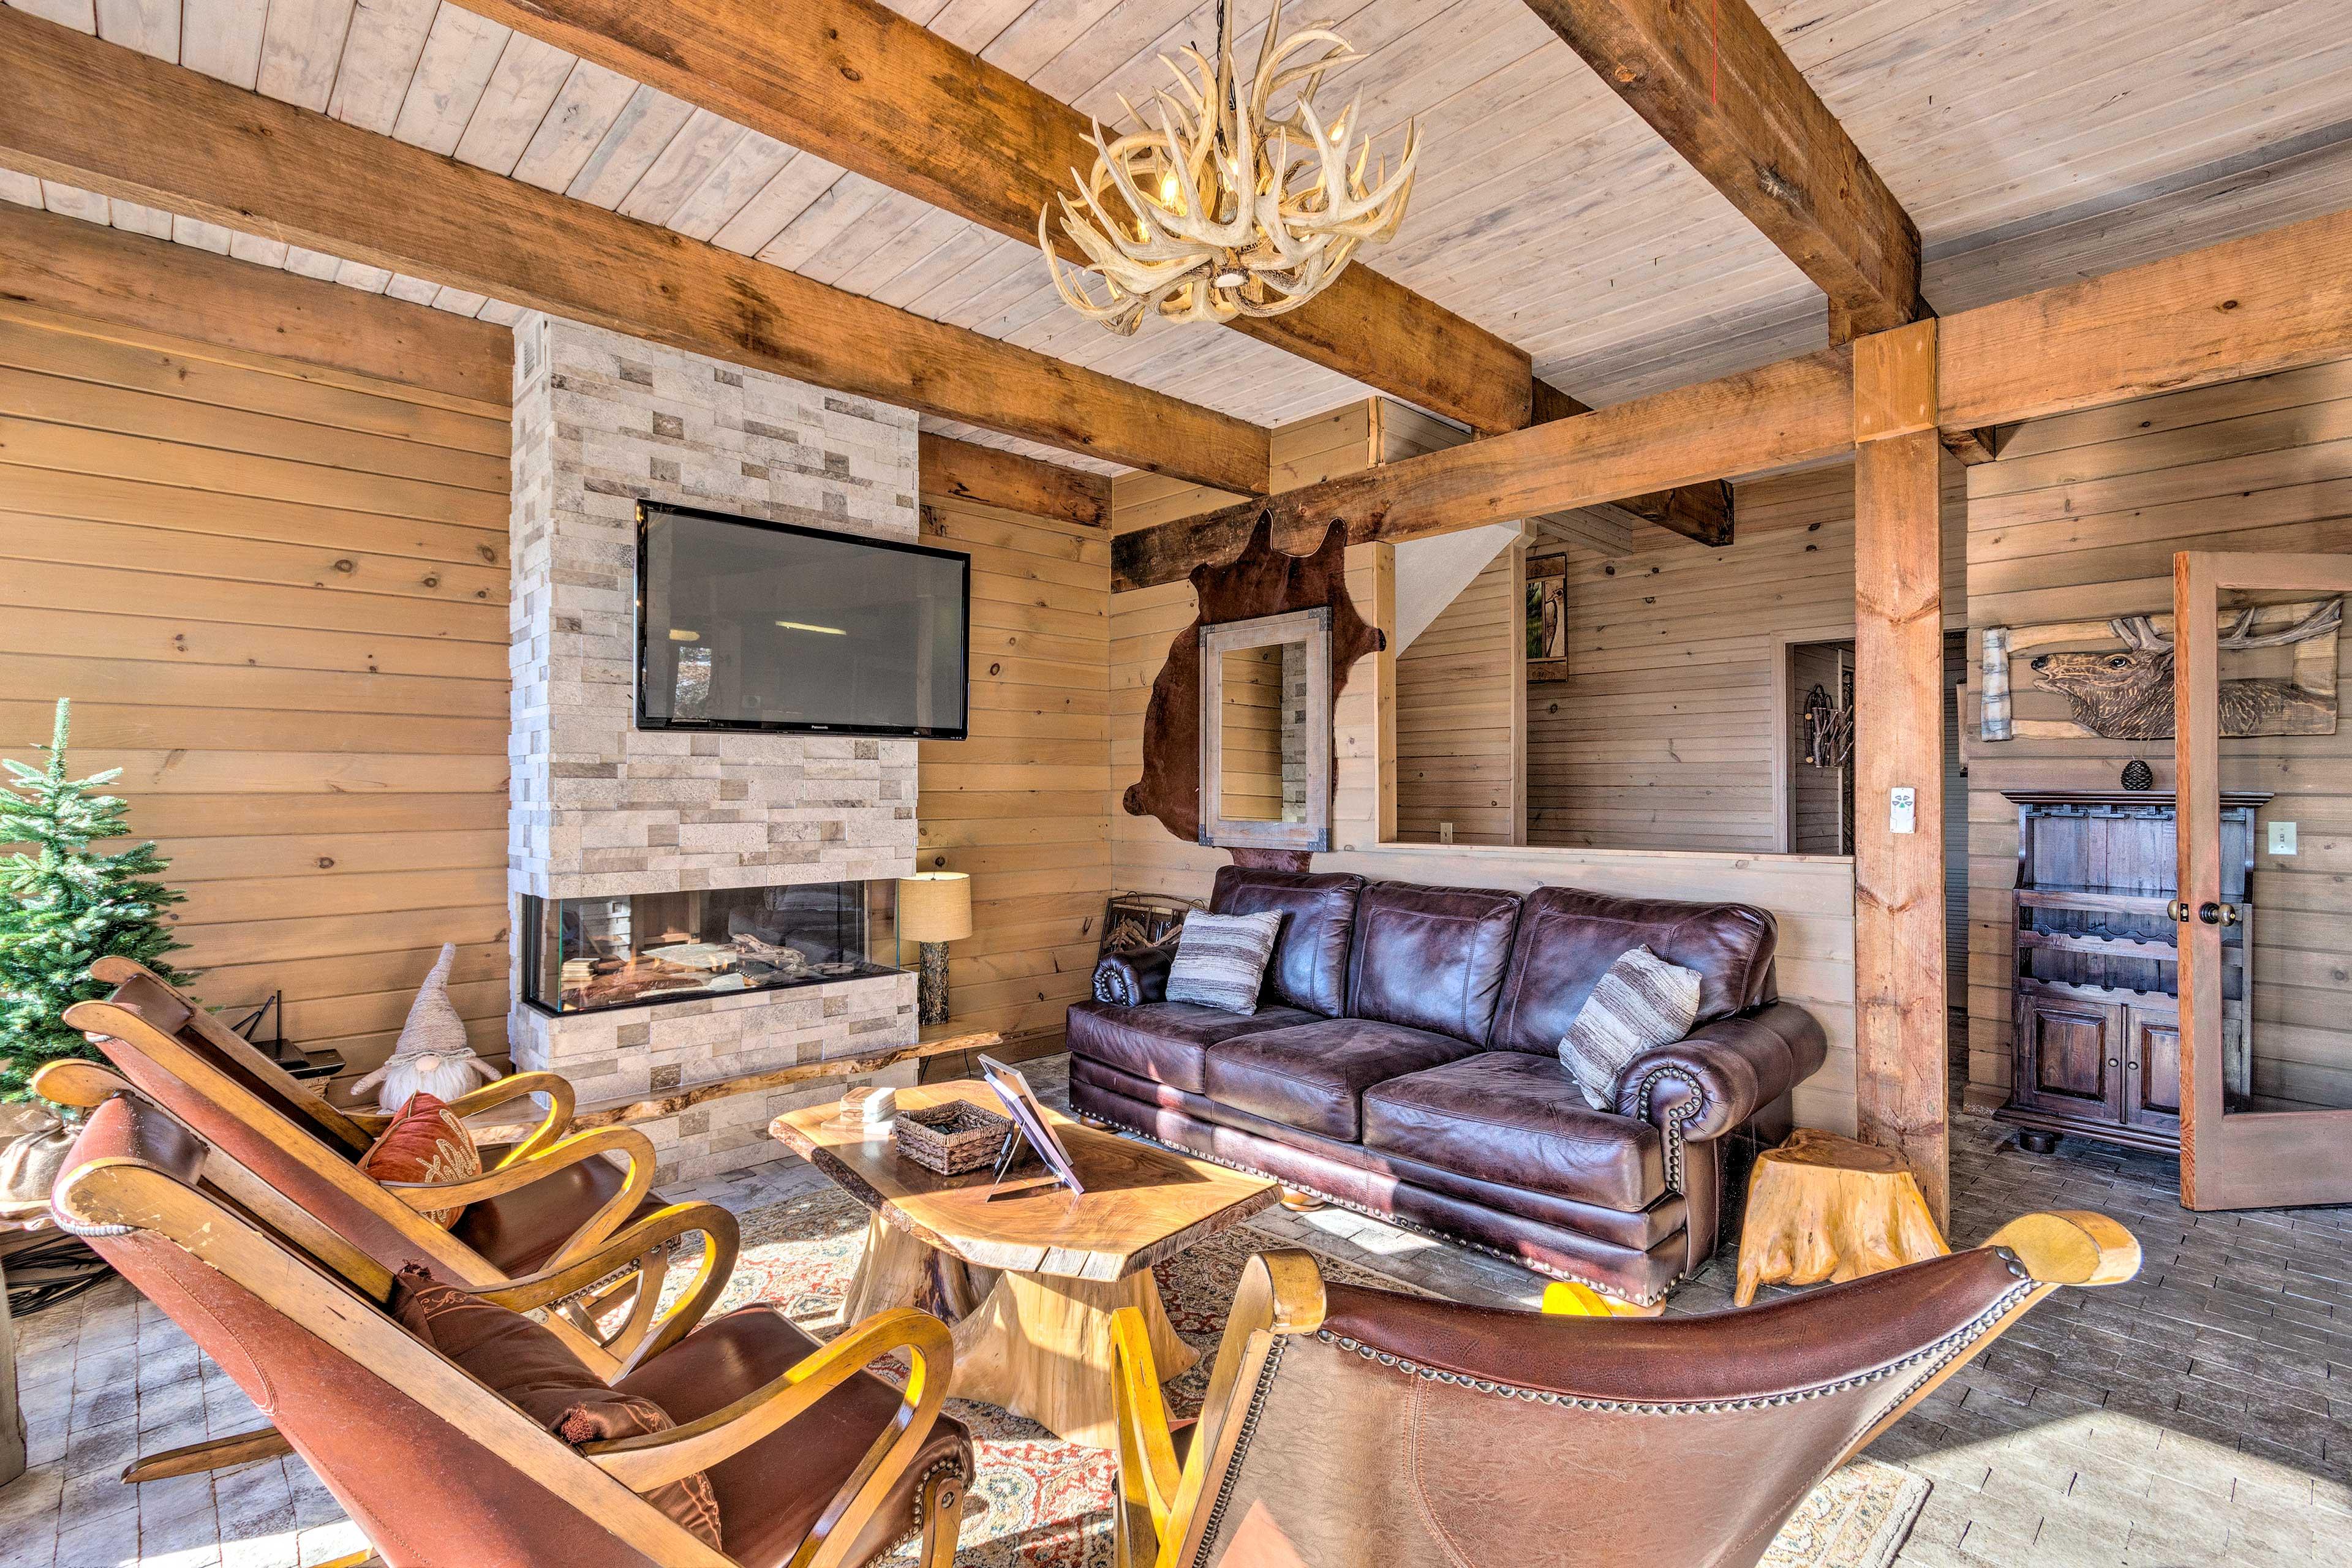 Luxe rustic decor defines the interior.